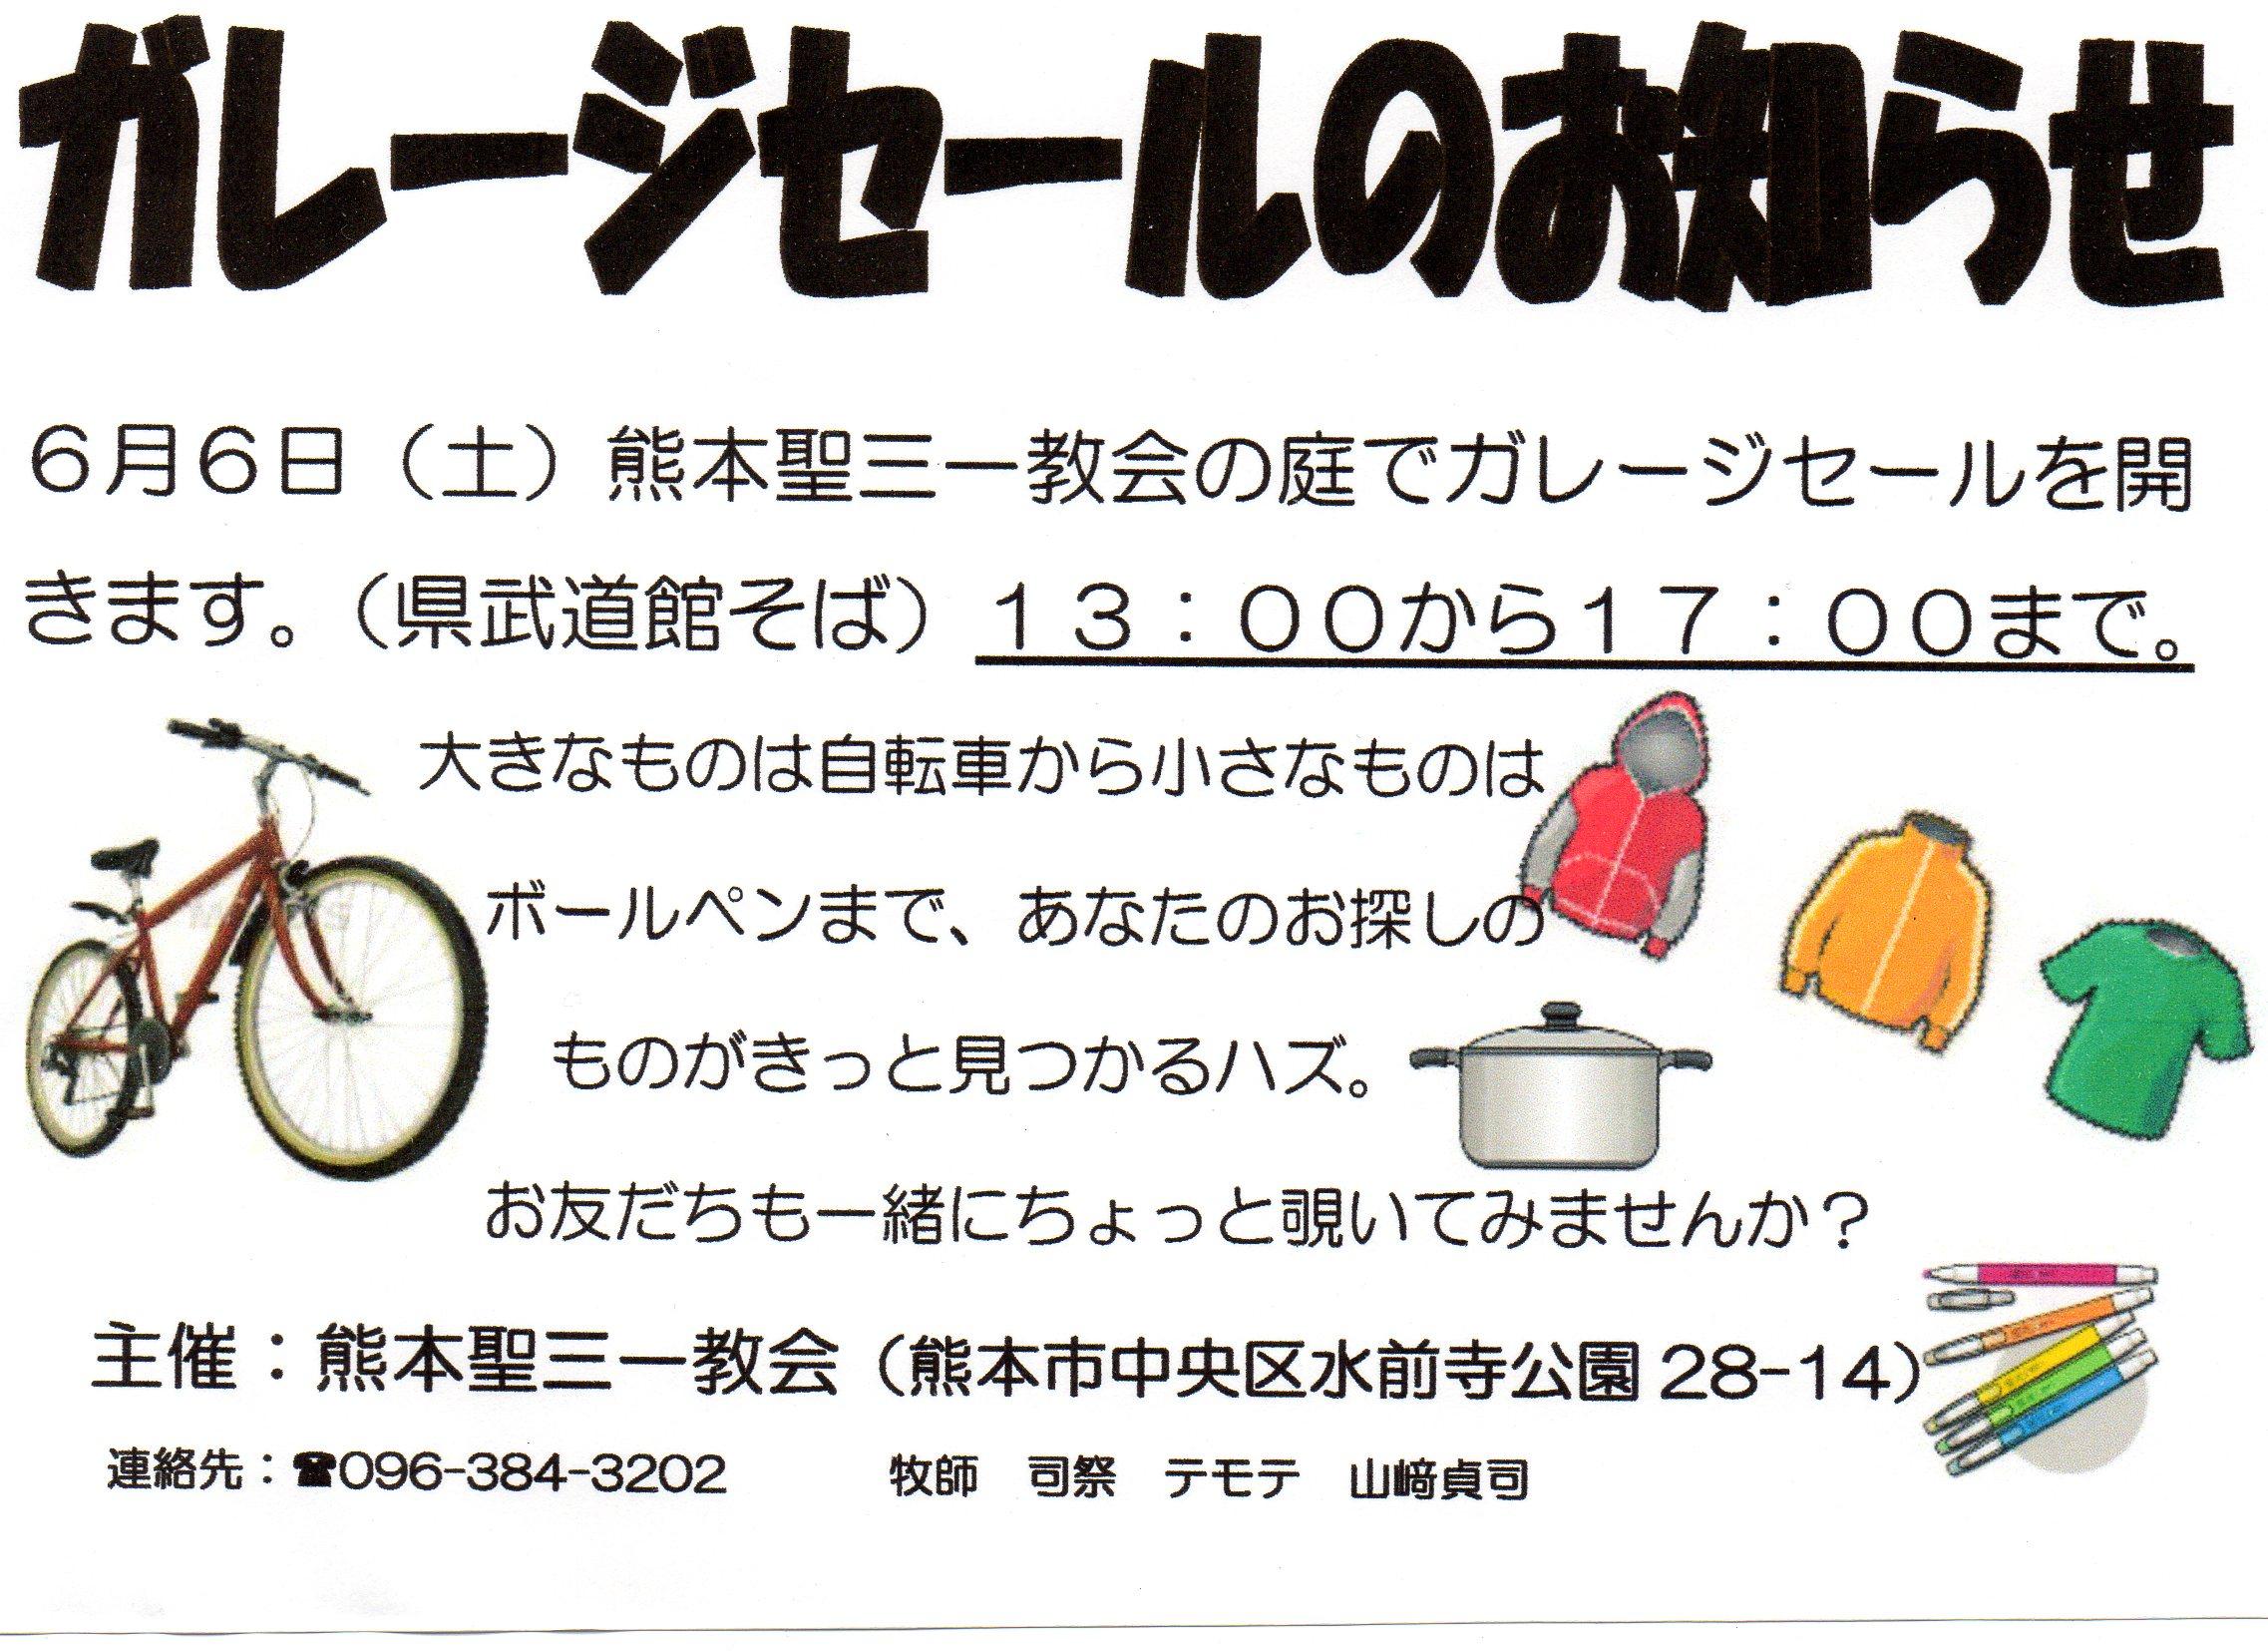 日本聖公会熊本聖三一教会のブログ